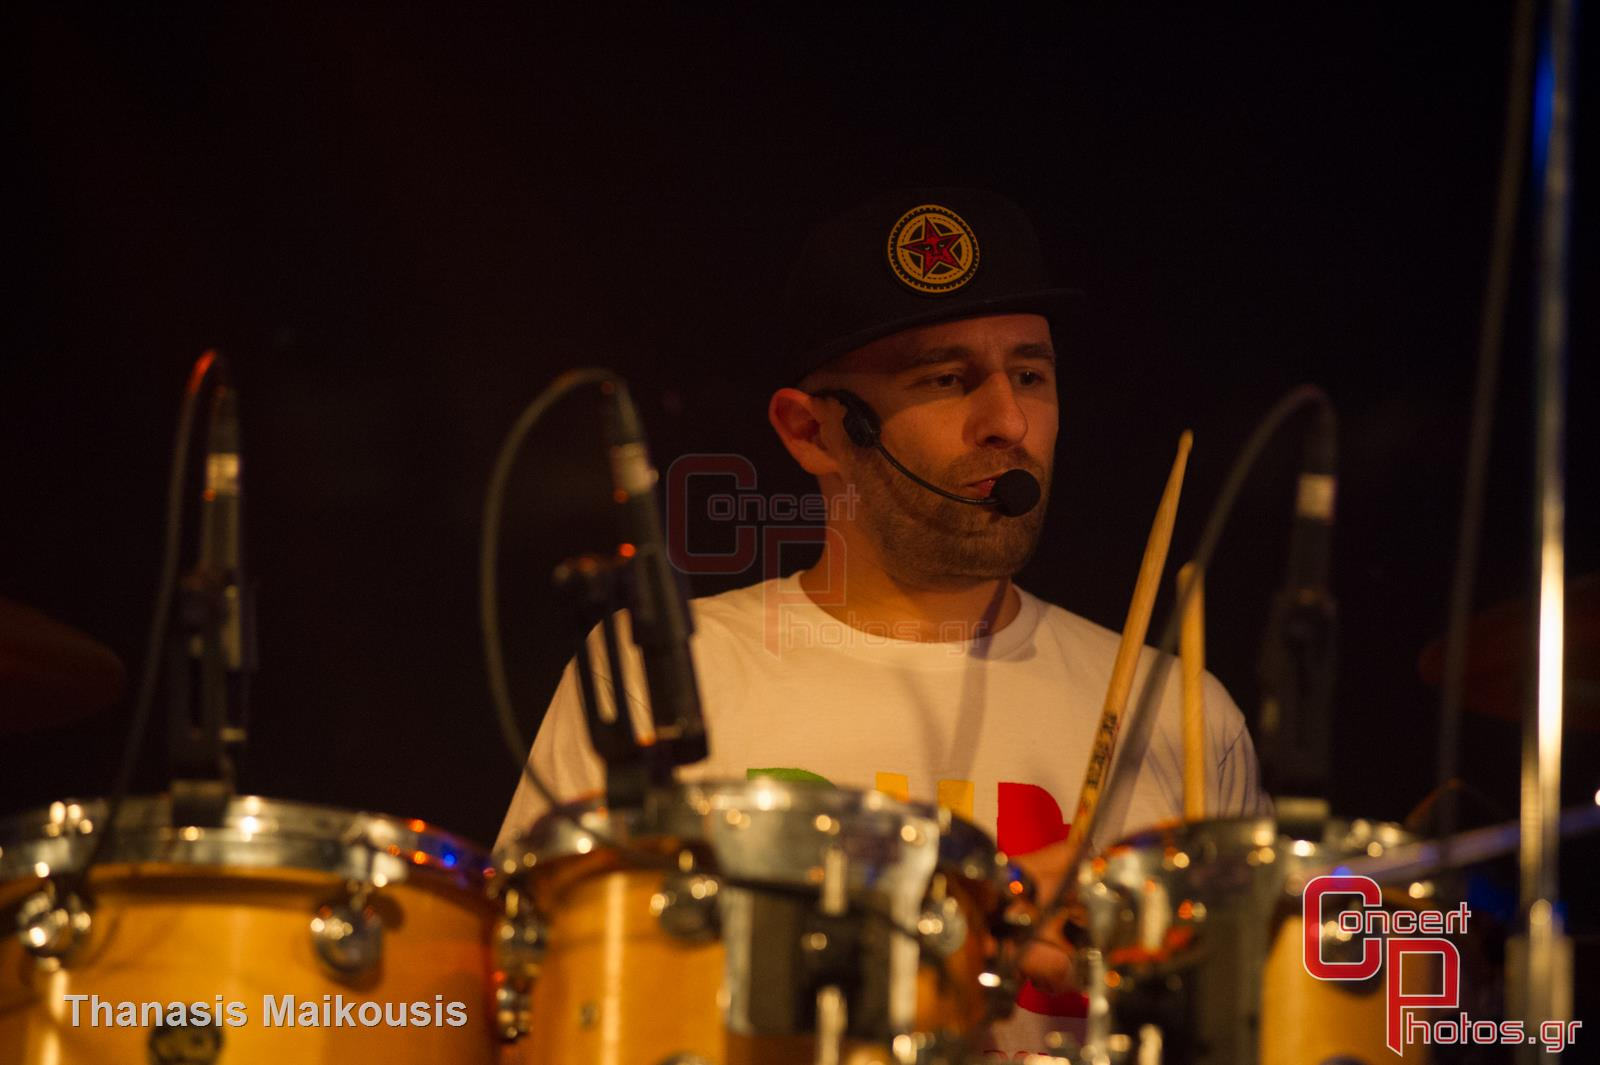 Dub Inc-Dub Inc photographer: Thanasis Maikousis - concertphotos_-5475